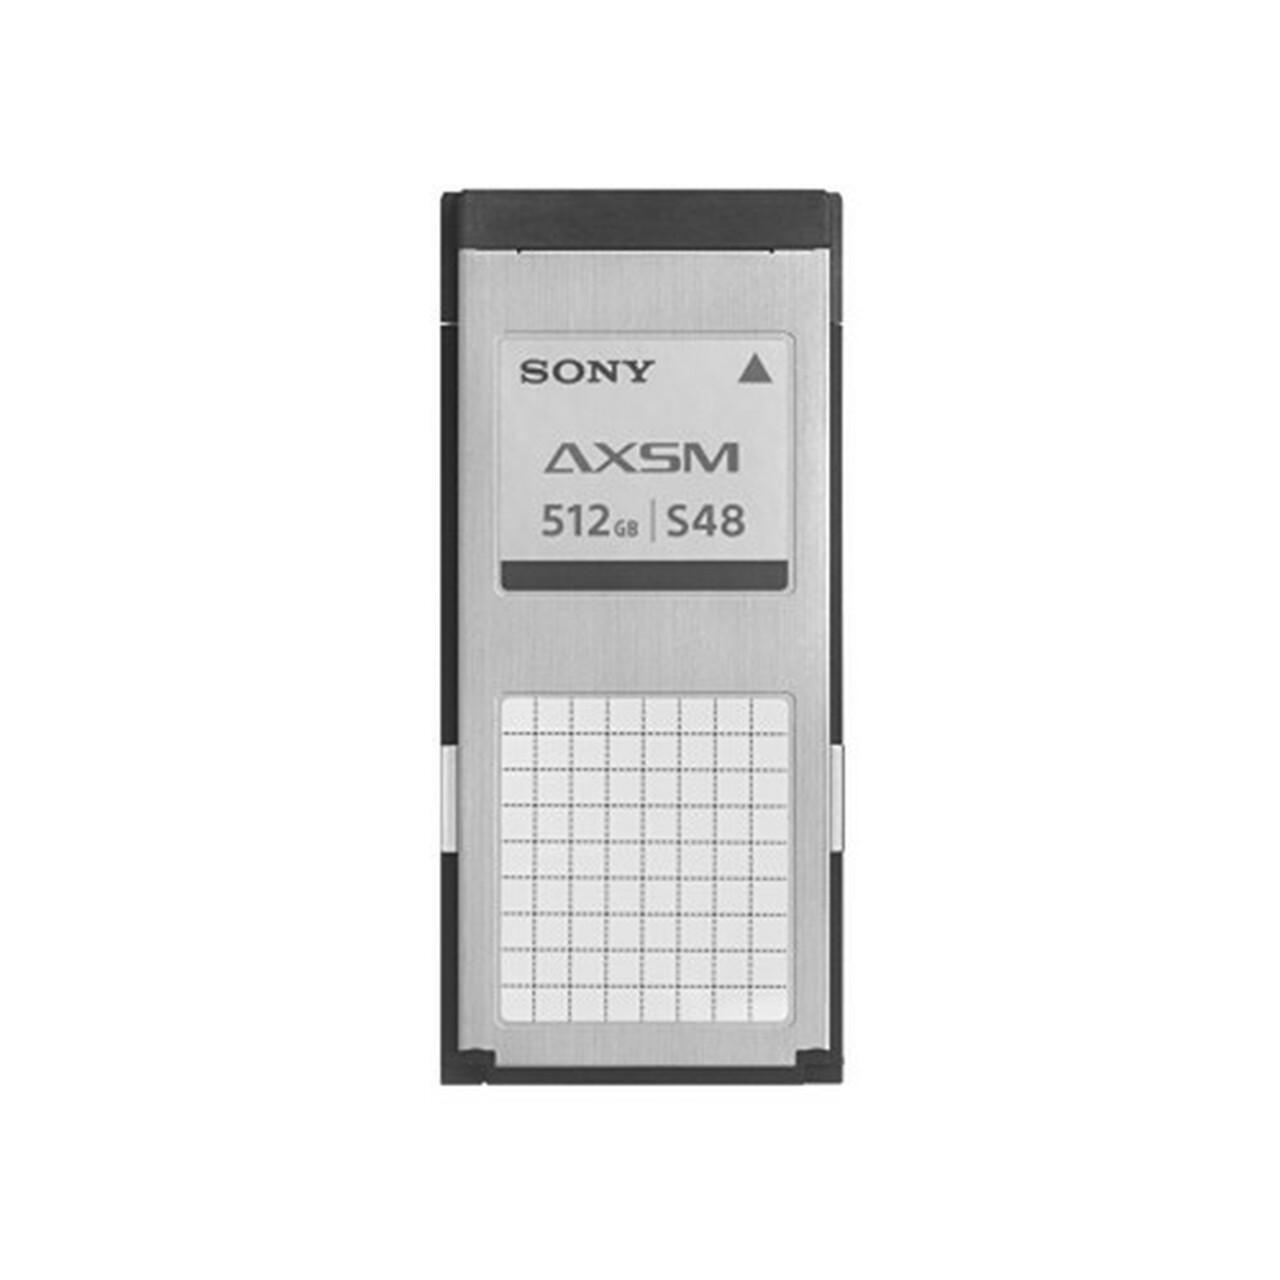 Sony AXSM Cards